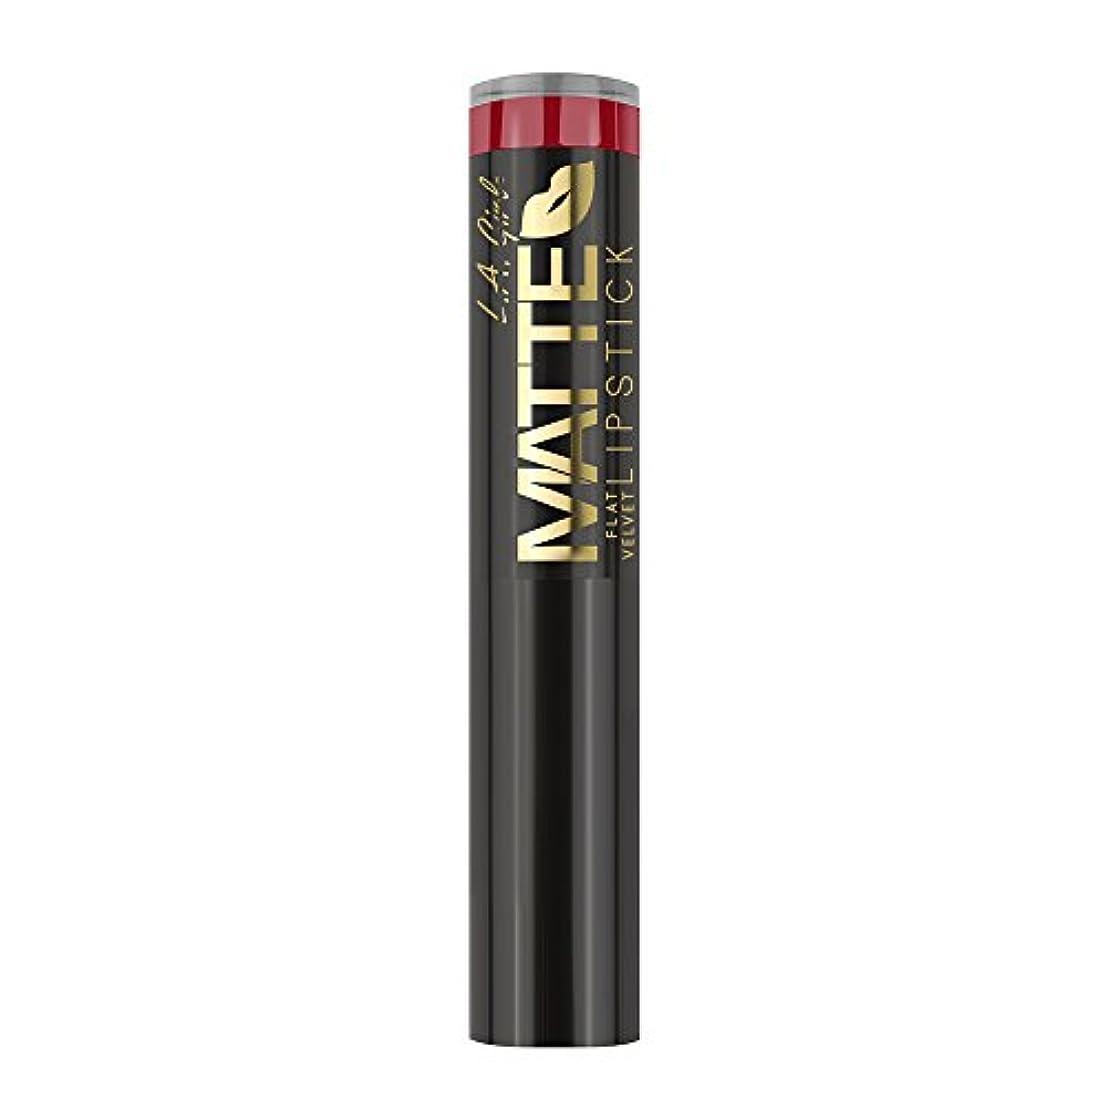 フローティング疑い者印象的な(3 Pack) L.A. GIRL Matte Flat Velvet Lipstick Relentless (並行輸入品)